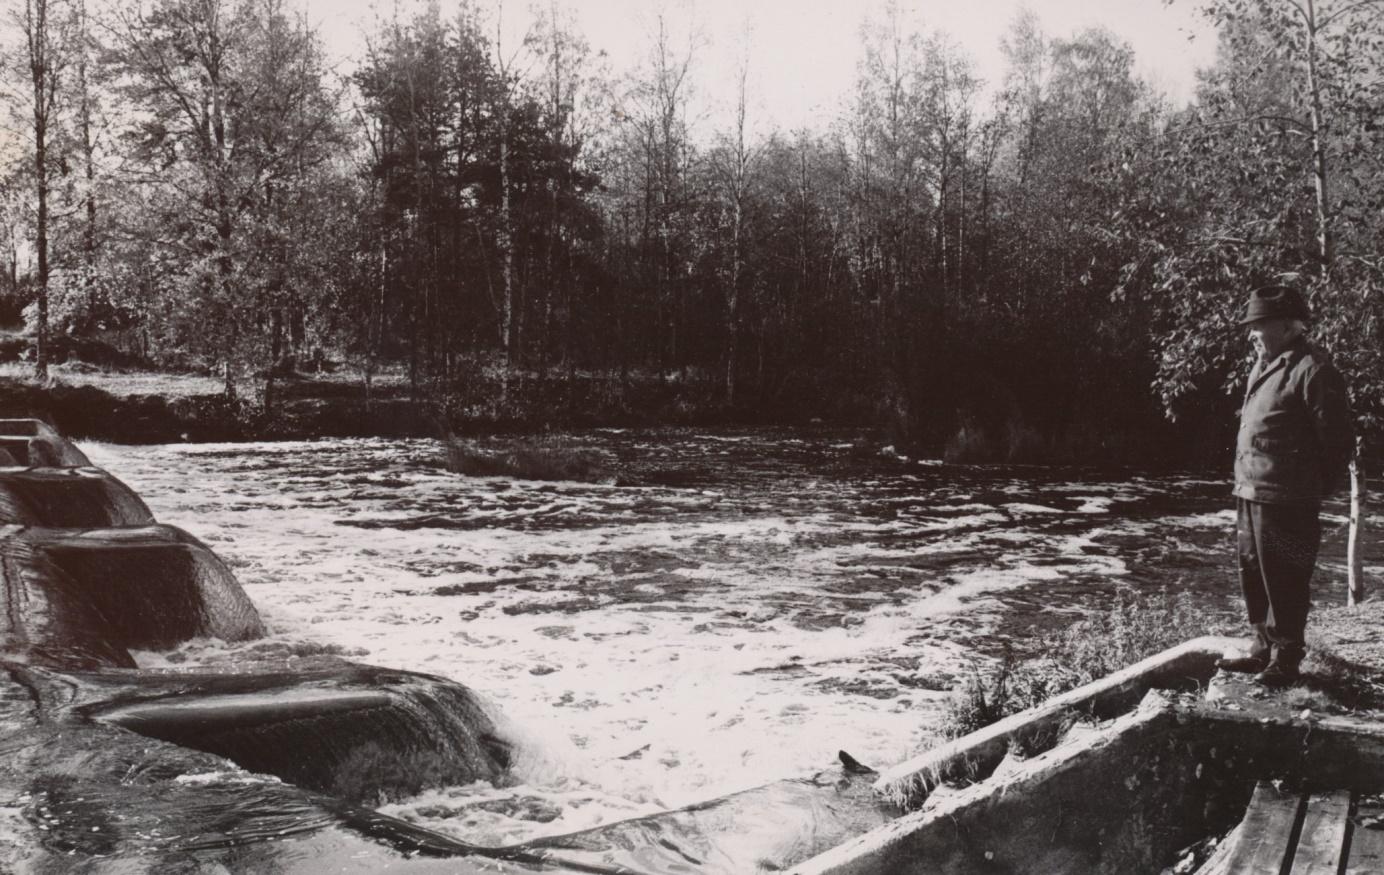 Här står Gunnar Gröndahl vid Lappfjärds och ser hur vattnet rinner över dammen i Pärusforsen, där han tyckte att fisktrappor borde byggas för att underlätta fiskarnas vandring uppför ån.